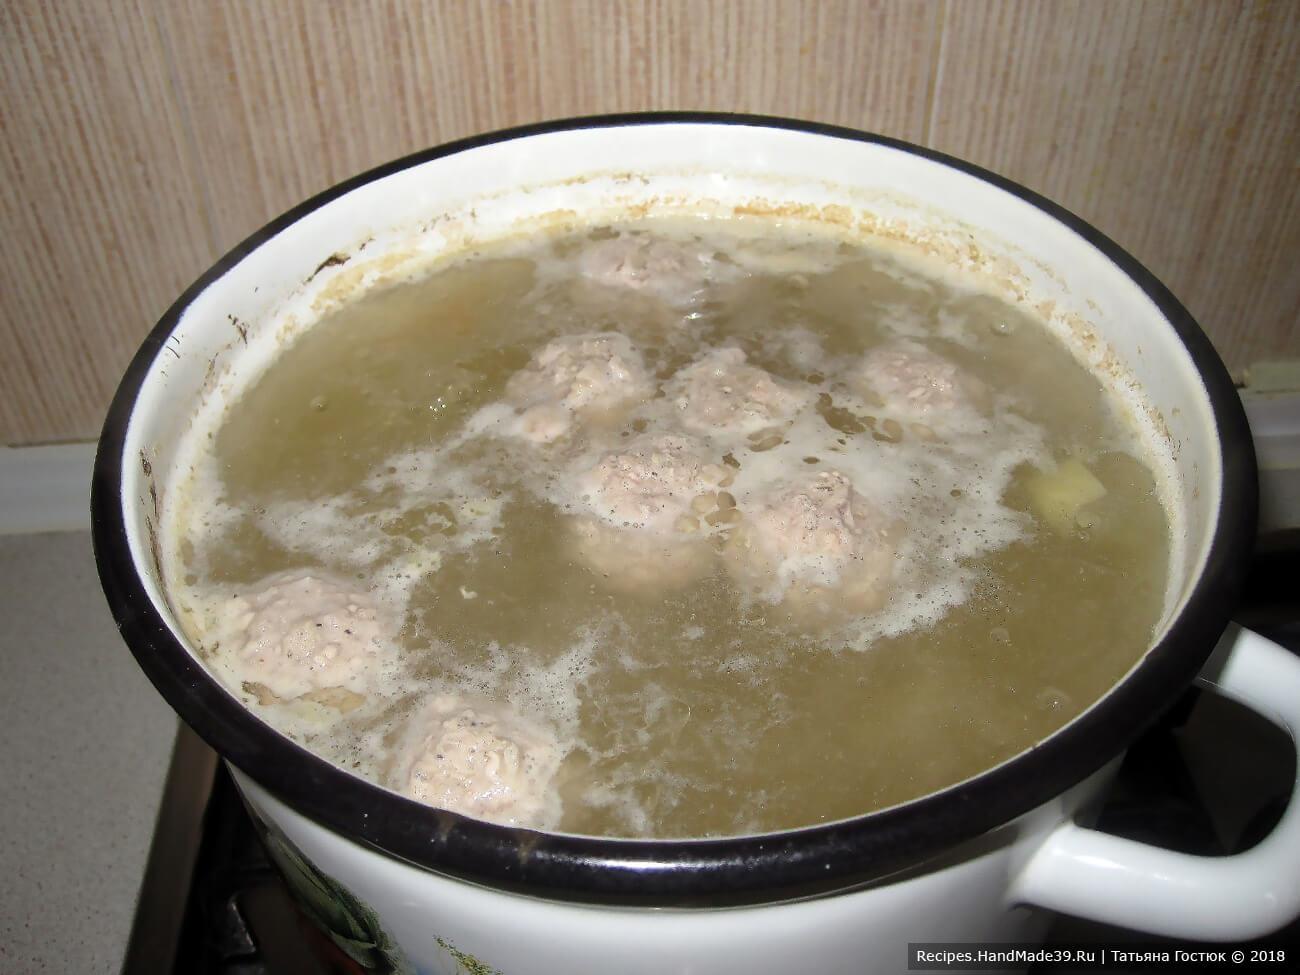 Когда овощи проварились, отправляем в суп фрикадельки, перемешиваем и варим до тех пор, пока они не «всплывут». На этом же этапе следует добавить также порезанный небольшими кусочками болгарский перец